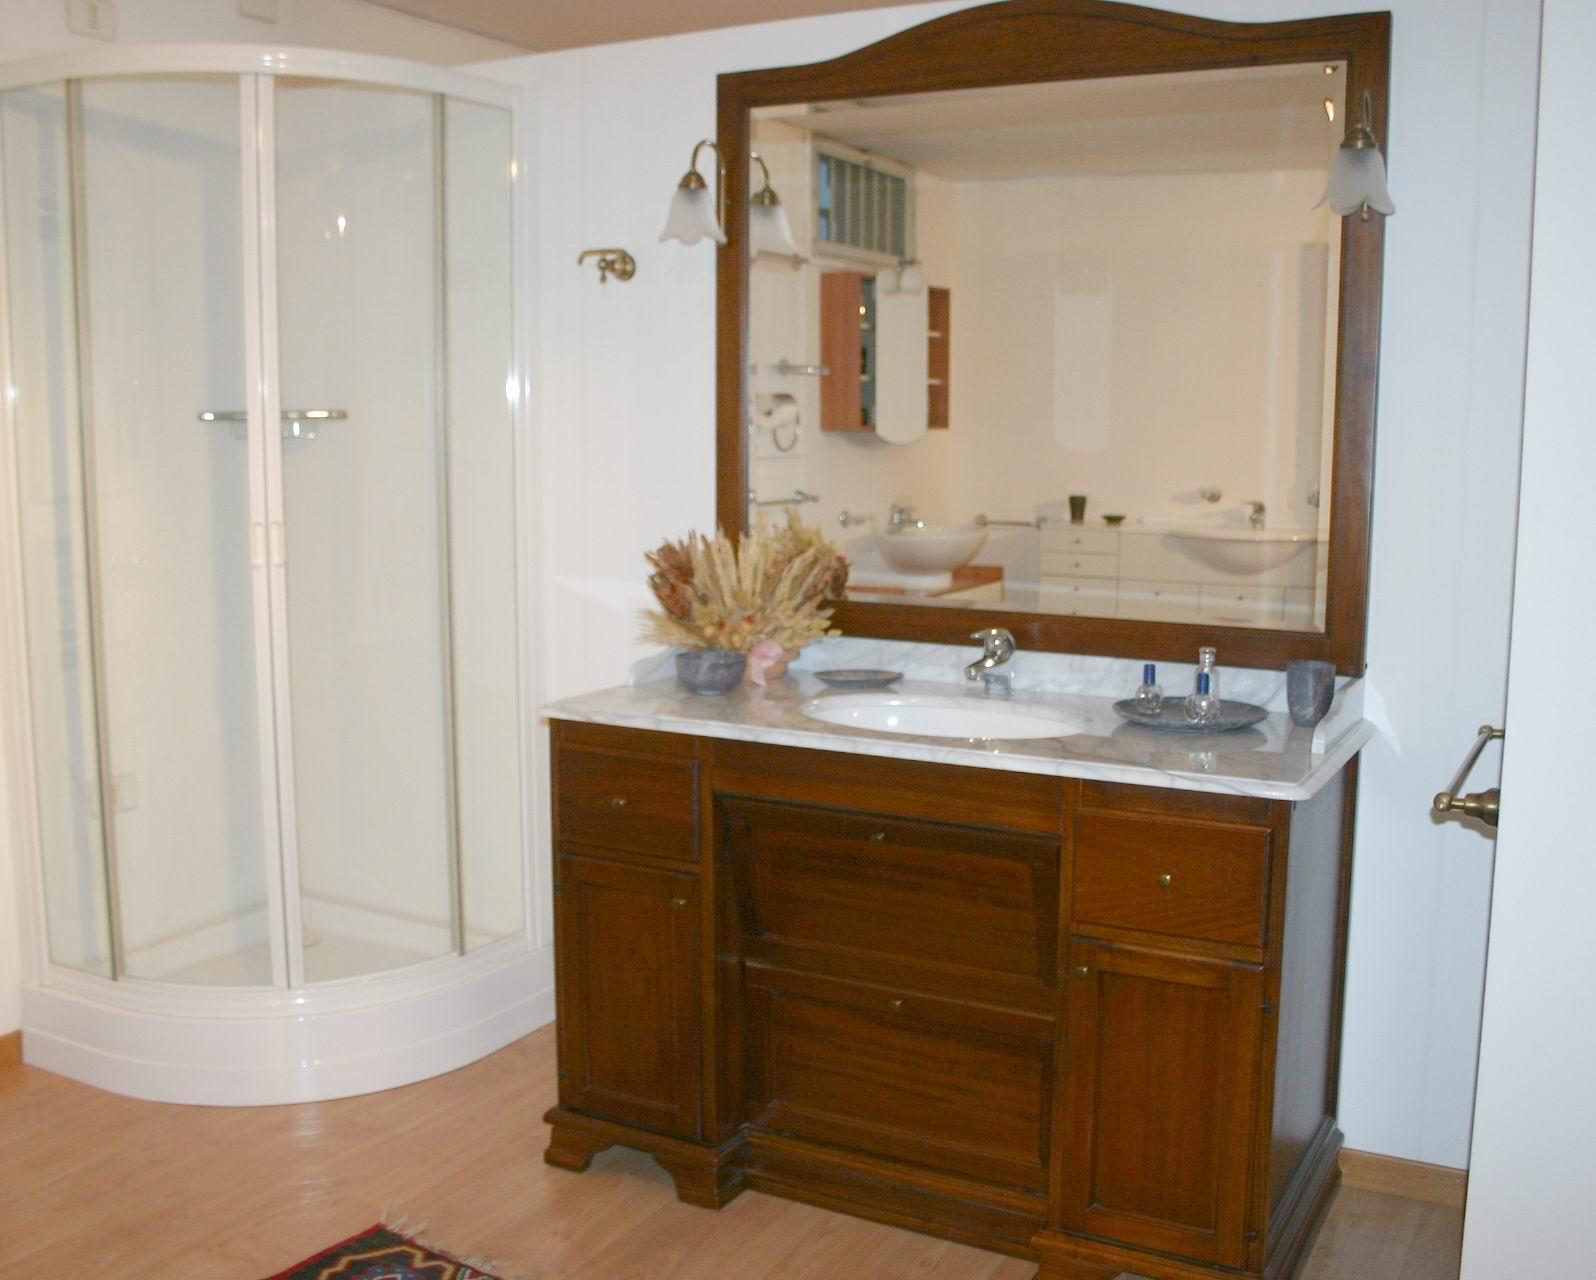 Arredo bagno mobili da bagno bergamo e for 1 piano 3 camere da letto 2 piani del bagno